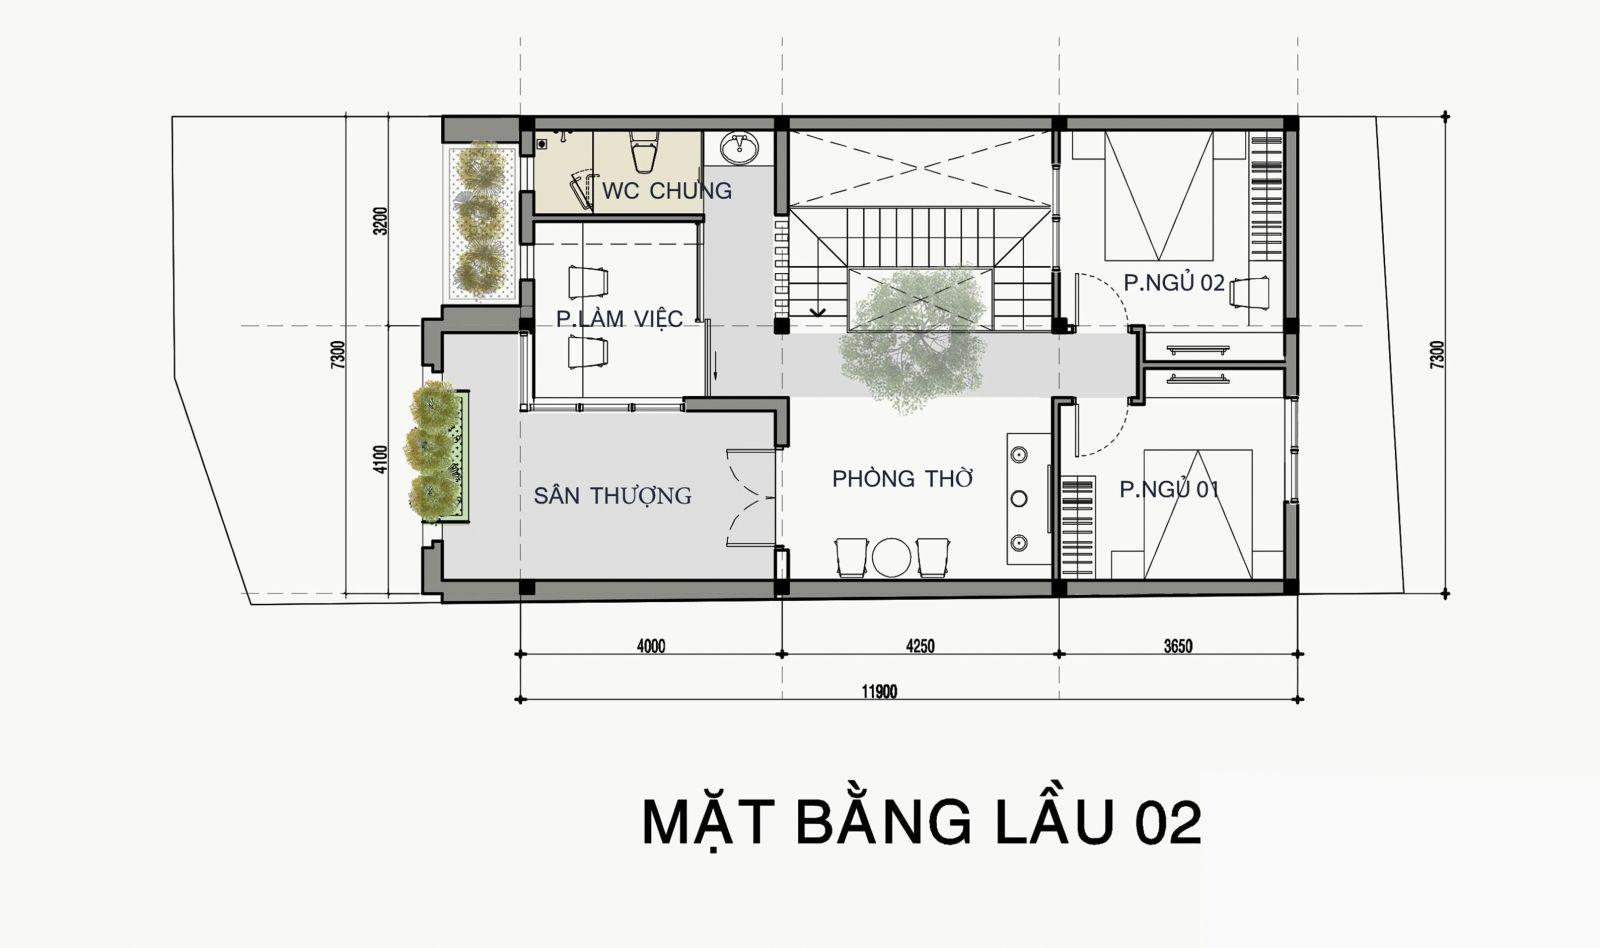 Mặt bằng lầu 2 mẫu thiết kế Nhà phố 1 trệt 2 lầu đẹp